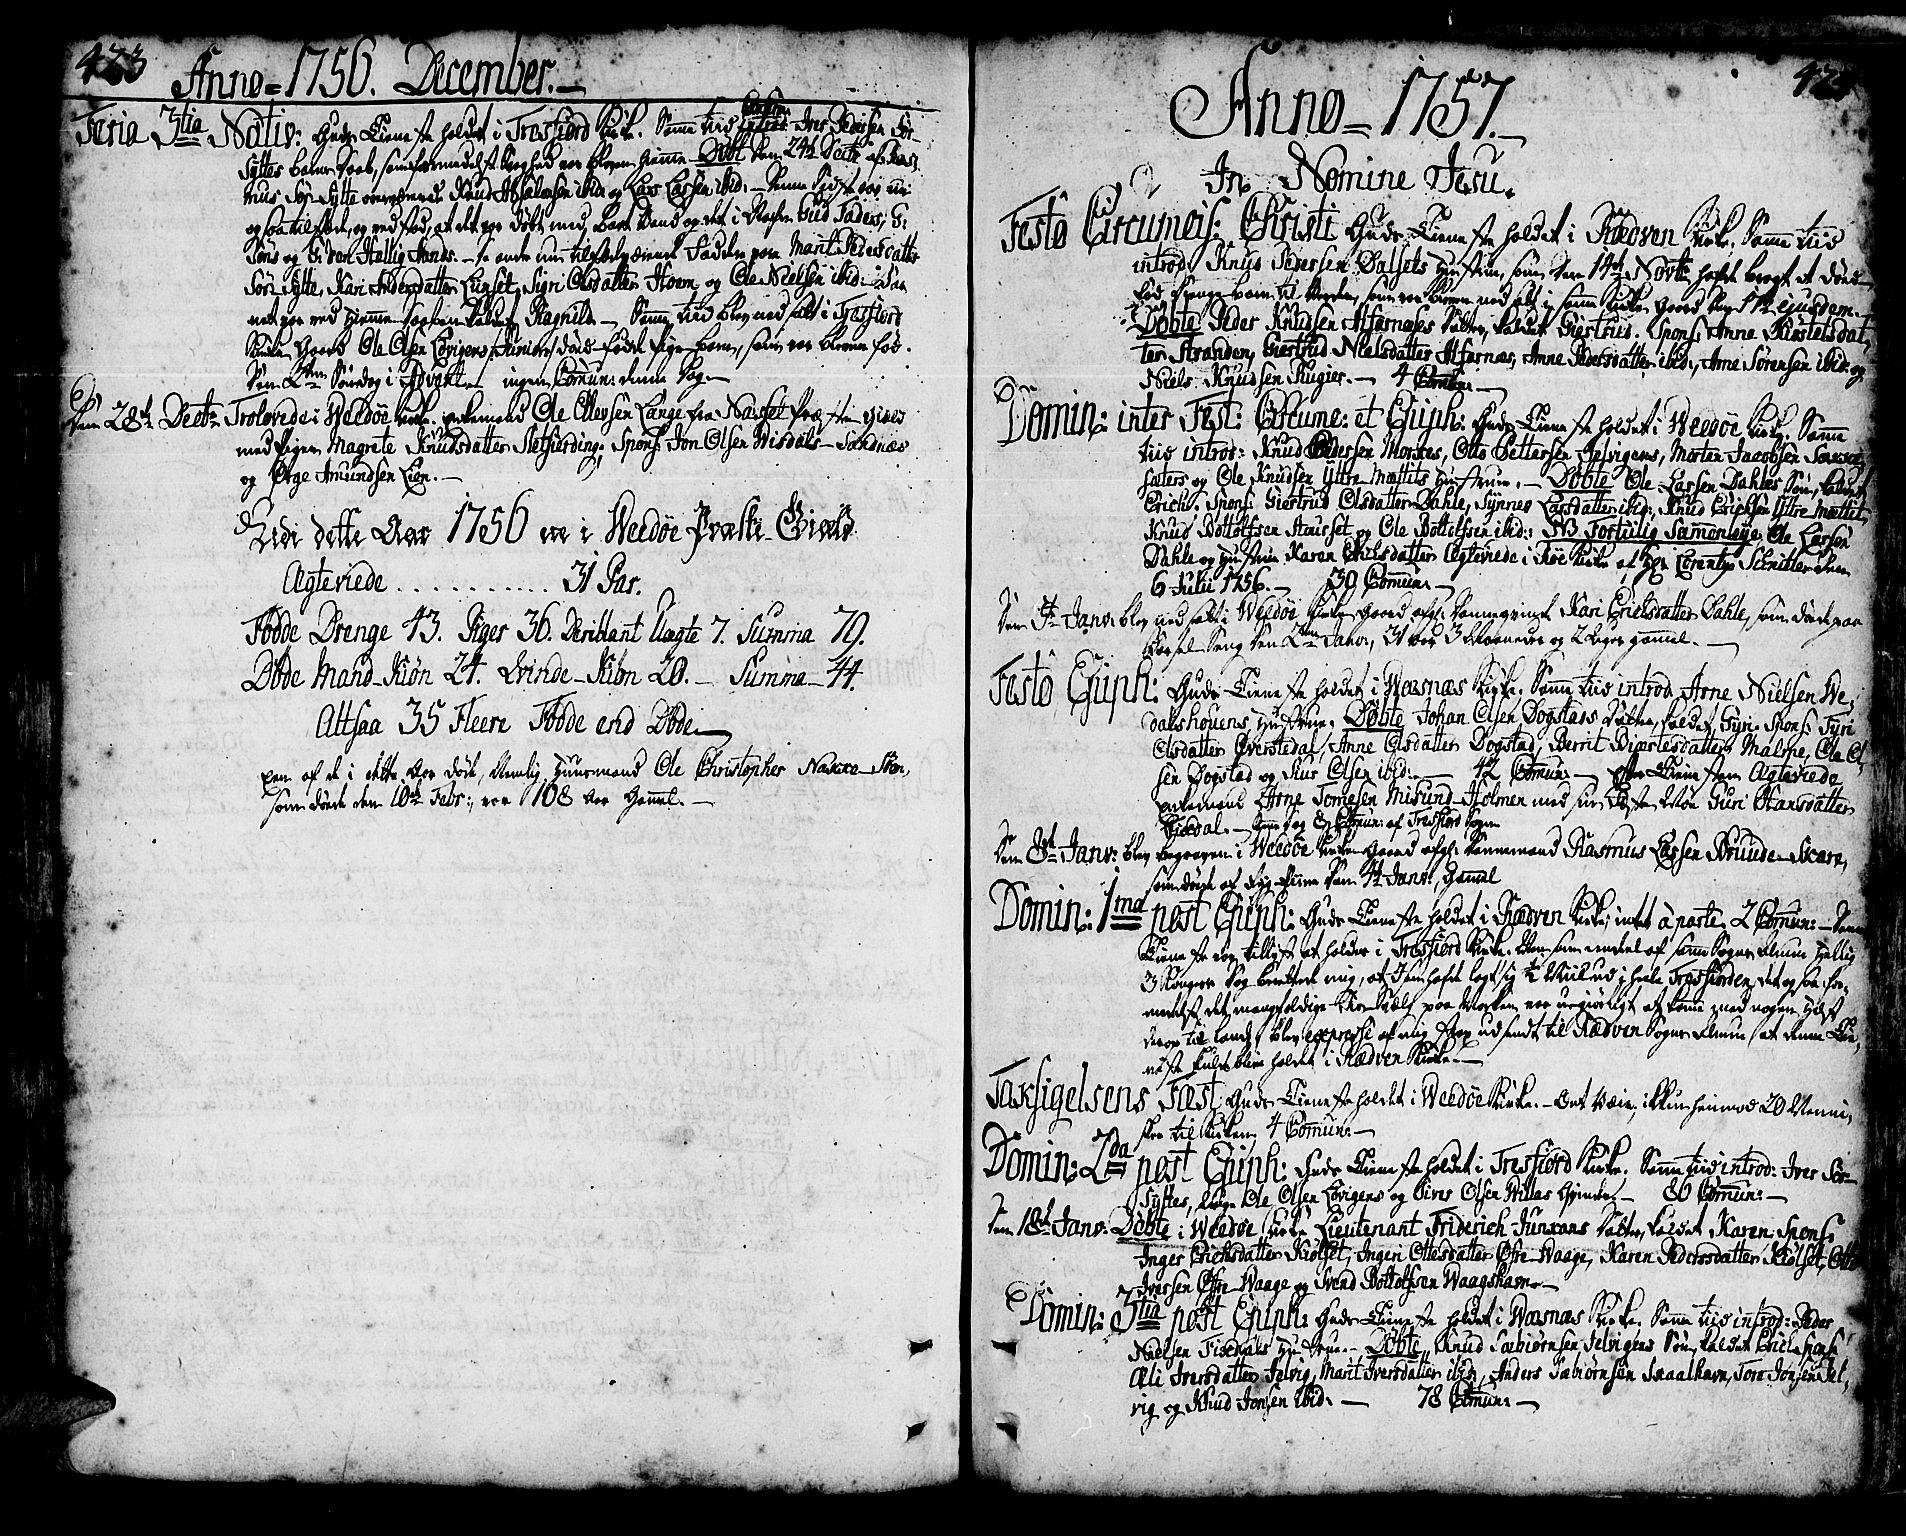 SAT, Ministerialprotokoller, klokkerbøker og fødselsregistre - Møre og Romsdal, 547/L0599: Ministerialbok nr. 547A01, 1721-1764, s. 423-424